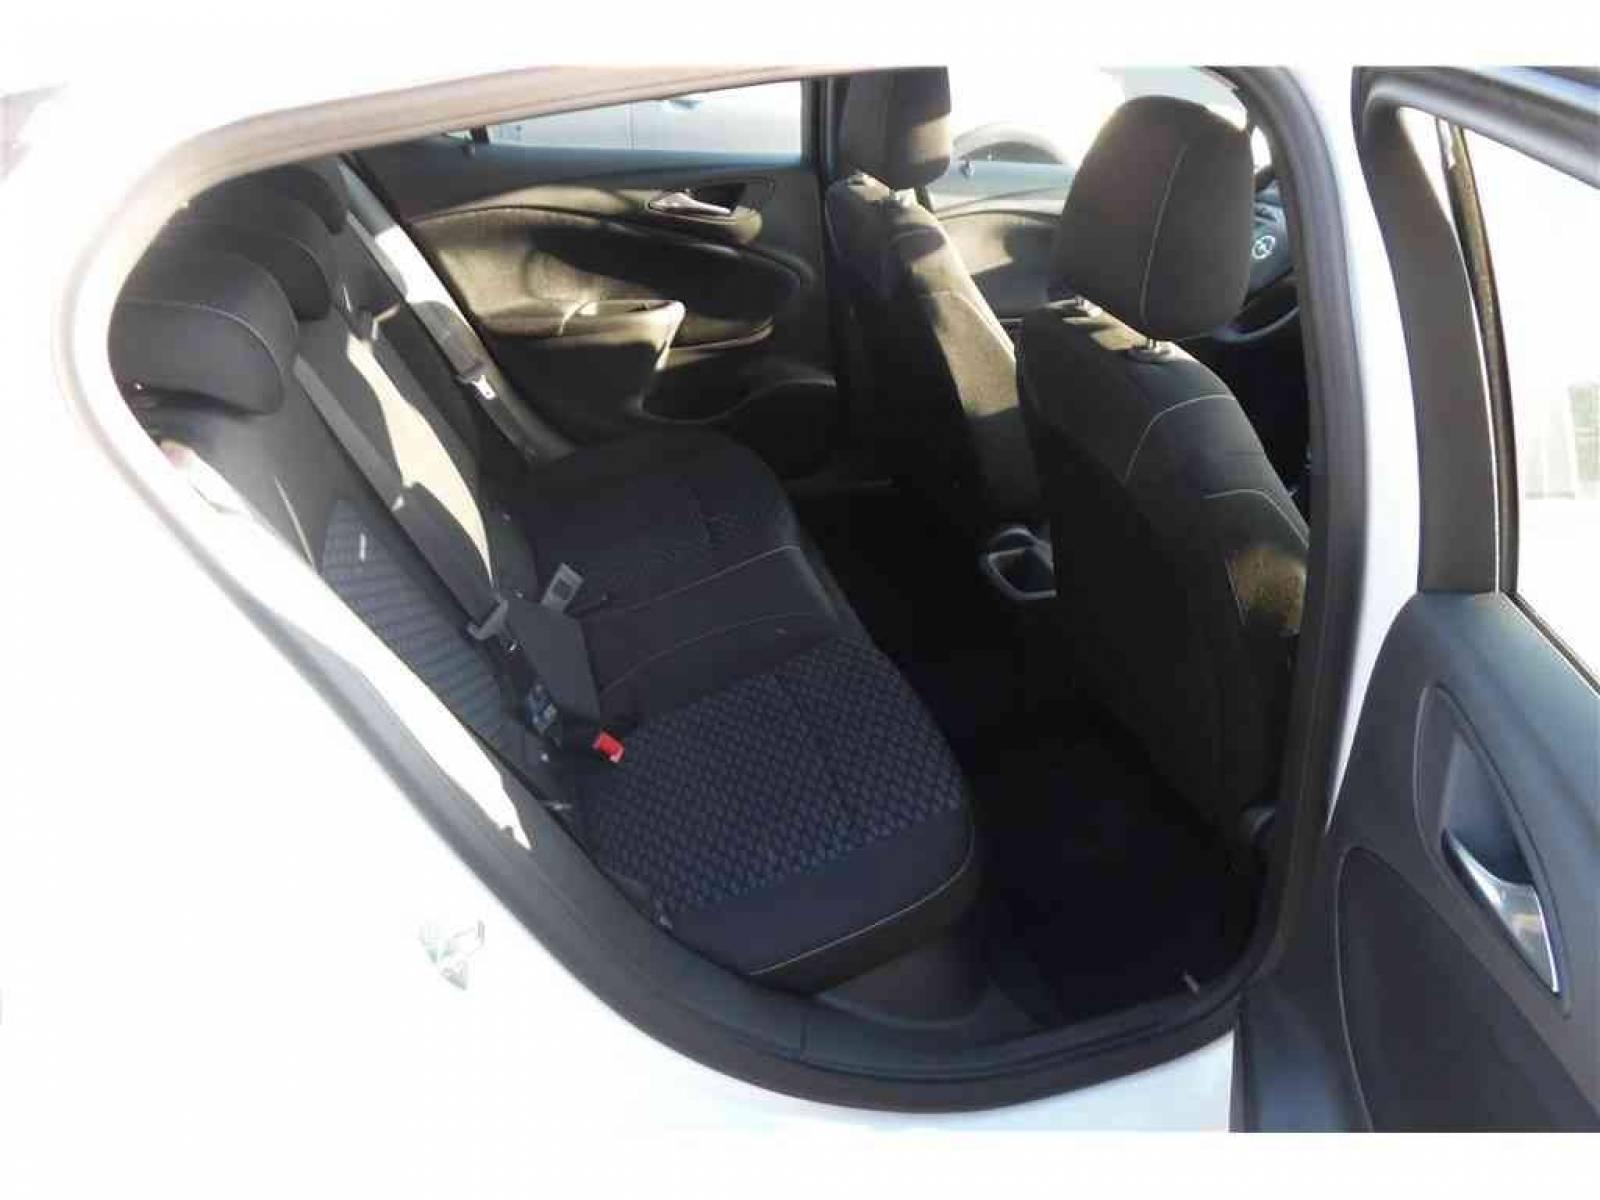 OPEL Astra 1.5 Diesel 122 ch BVM6 - véhicule d'occasion - Groupe Guillet - Opel Magicauto - Montceau-les-Mines - 71300 - Montceau-les-Mines - 15